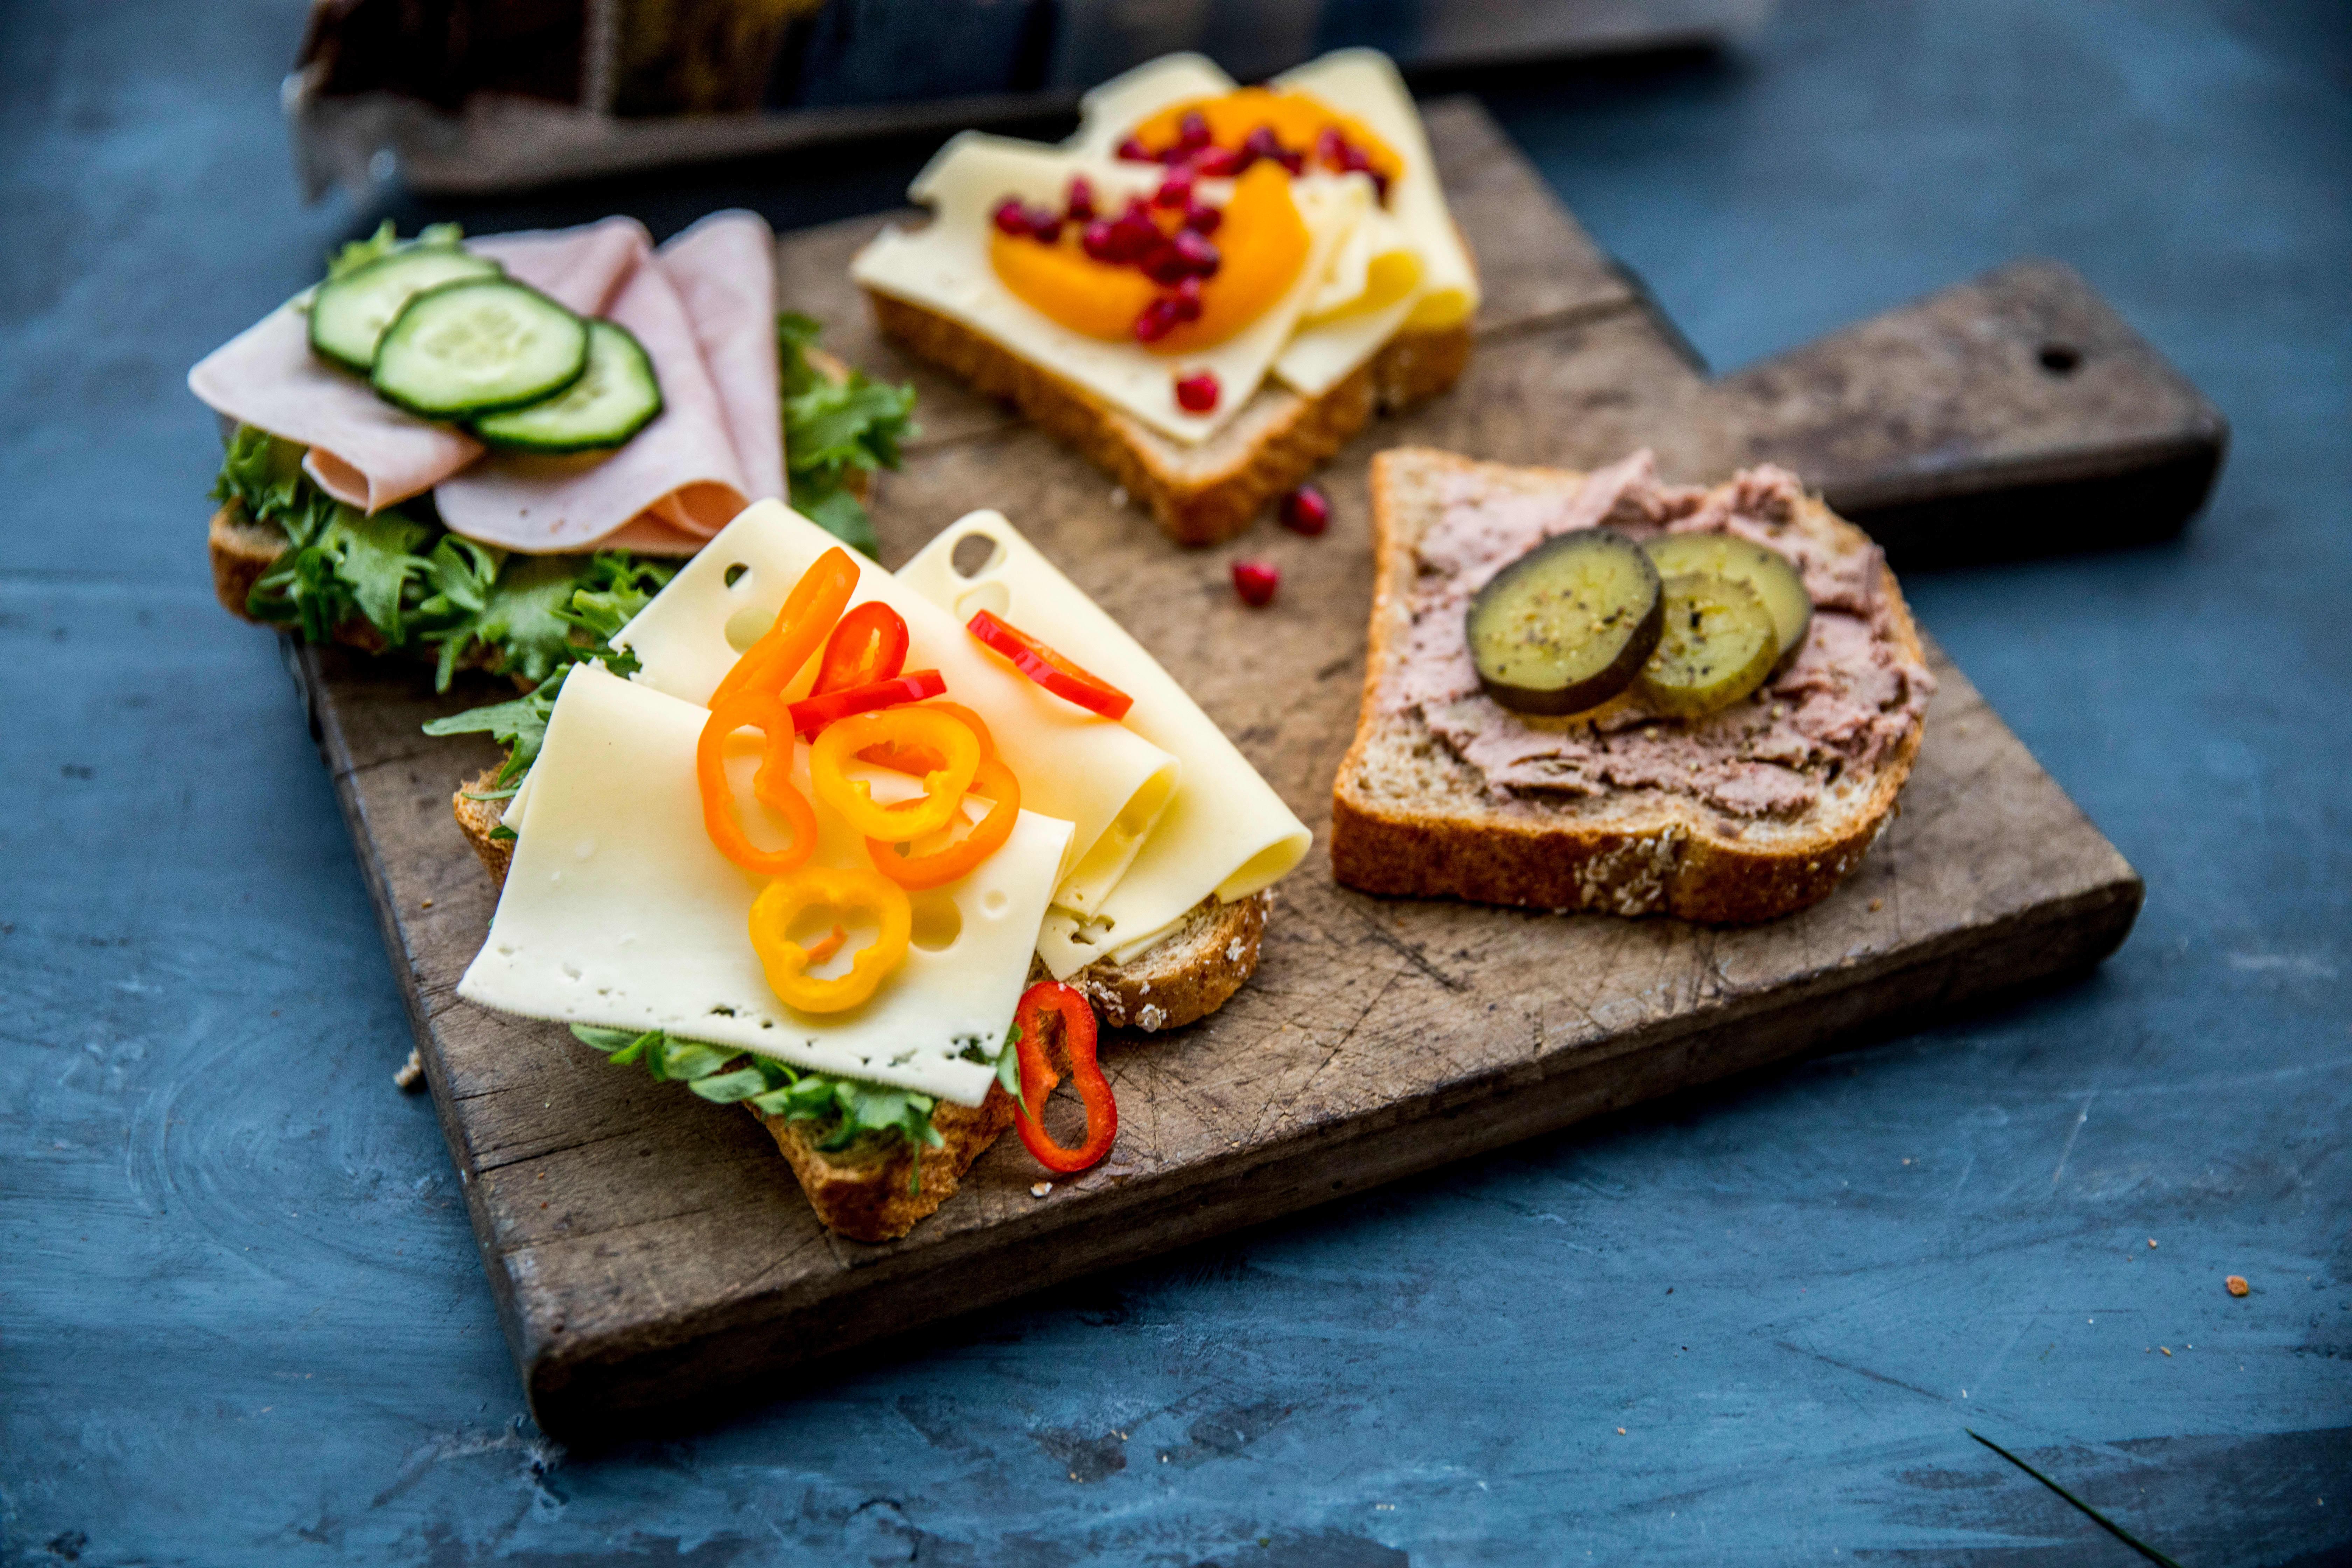 Serien med ferdigskårne brød fra Bakehuset blir levert til utvalgte KIWI-butikker.